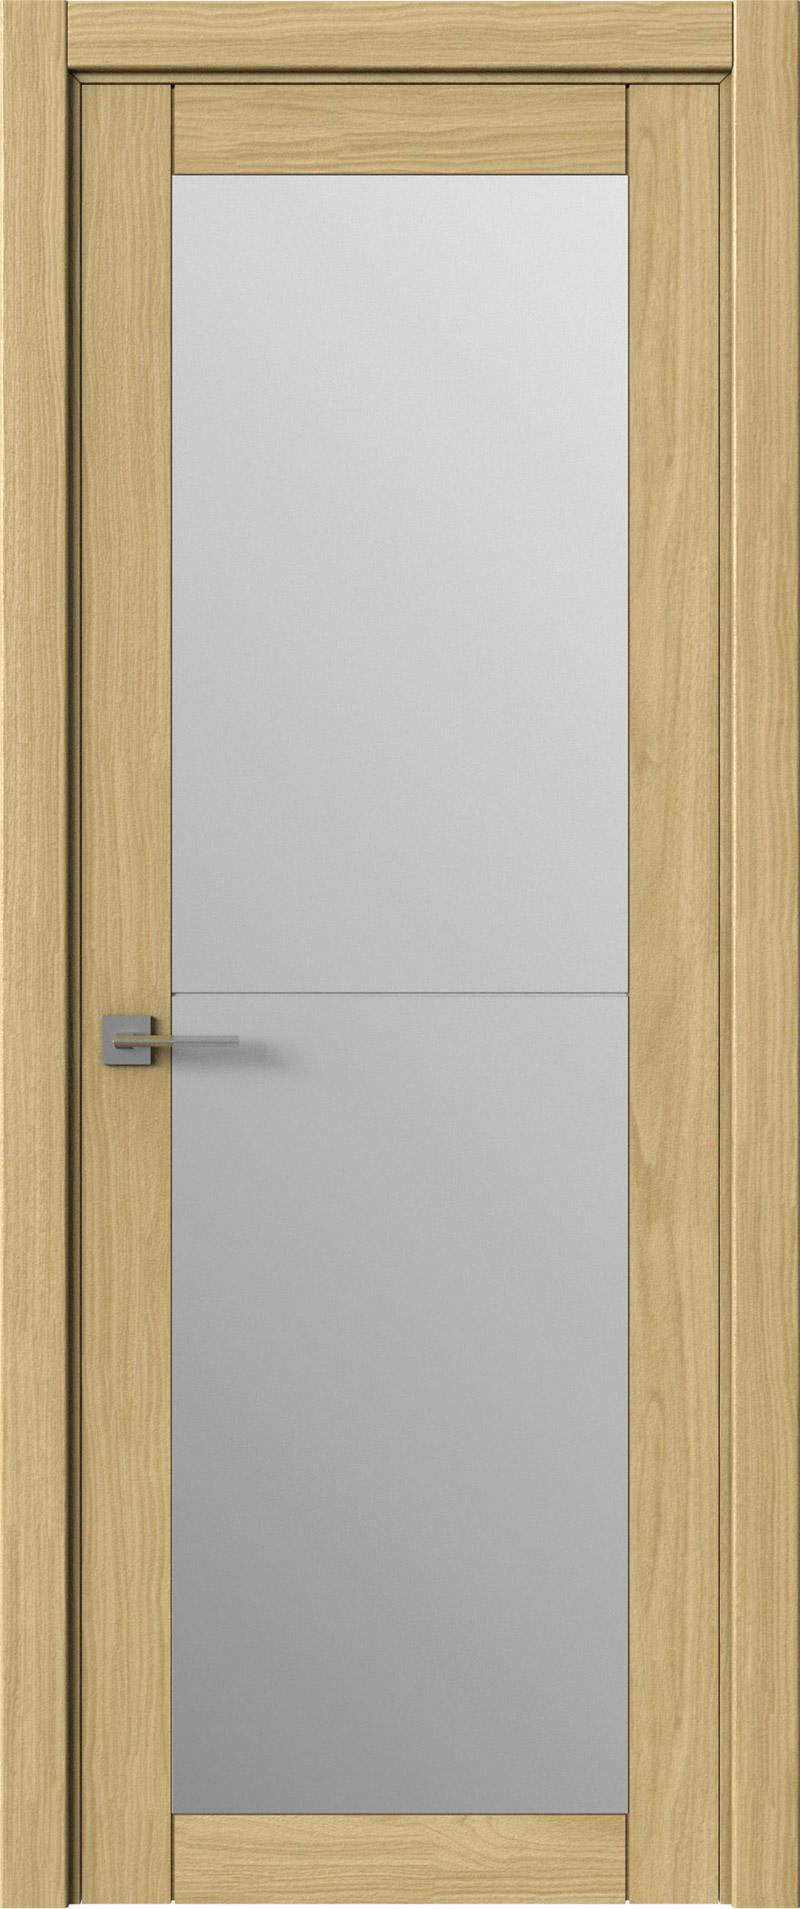 Tivoli З-2 цвет - Дуб нордик Со стеклом (ДО)